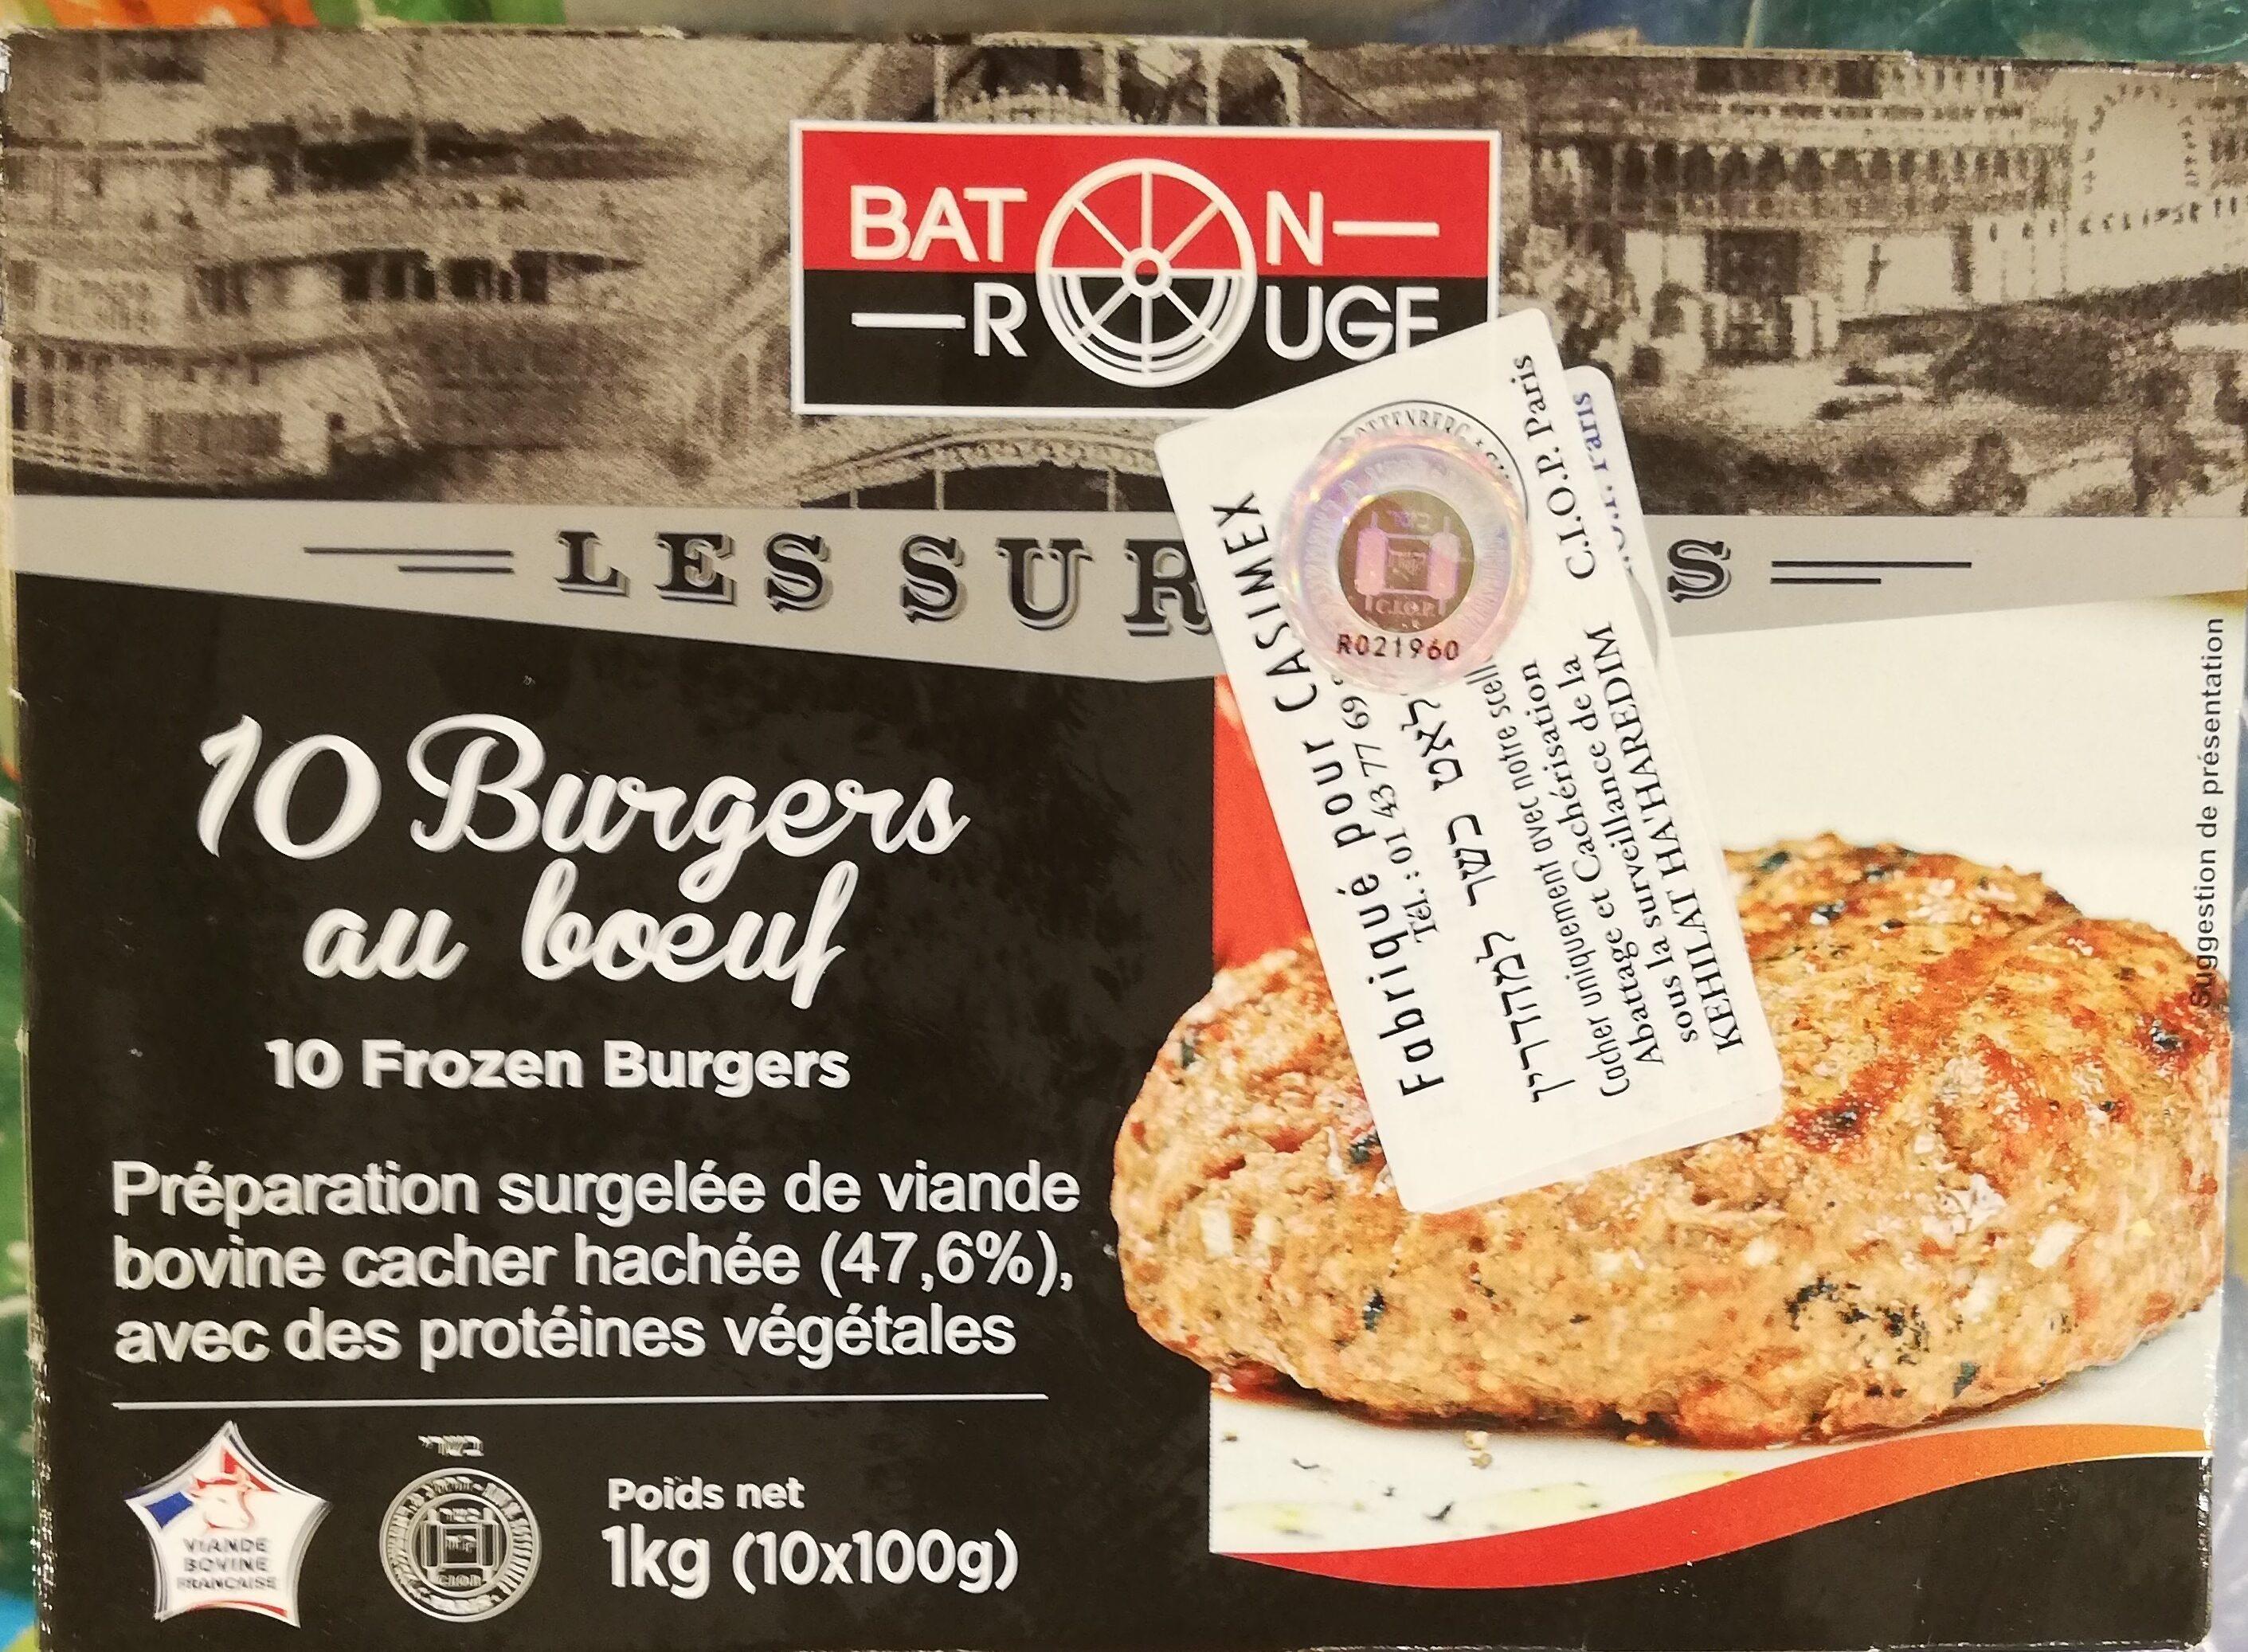 Baton rouge burger surgeles - Product - fr